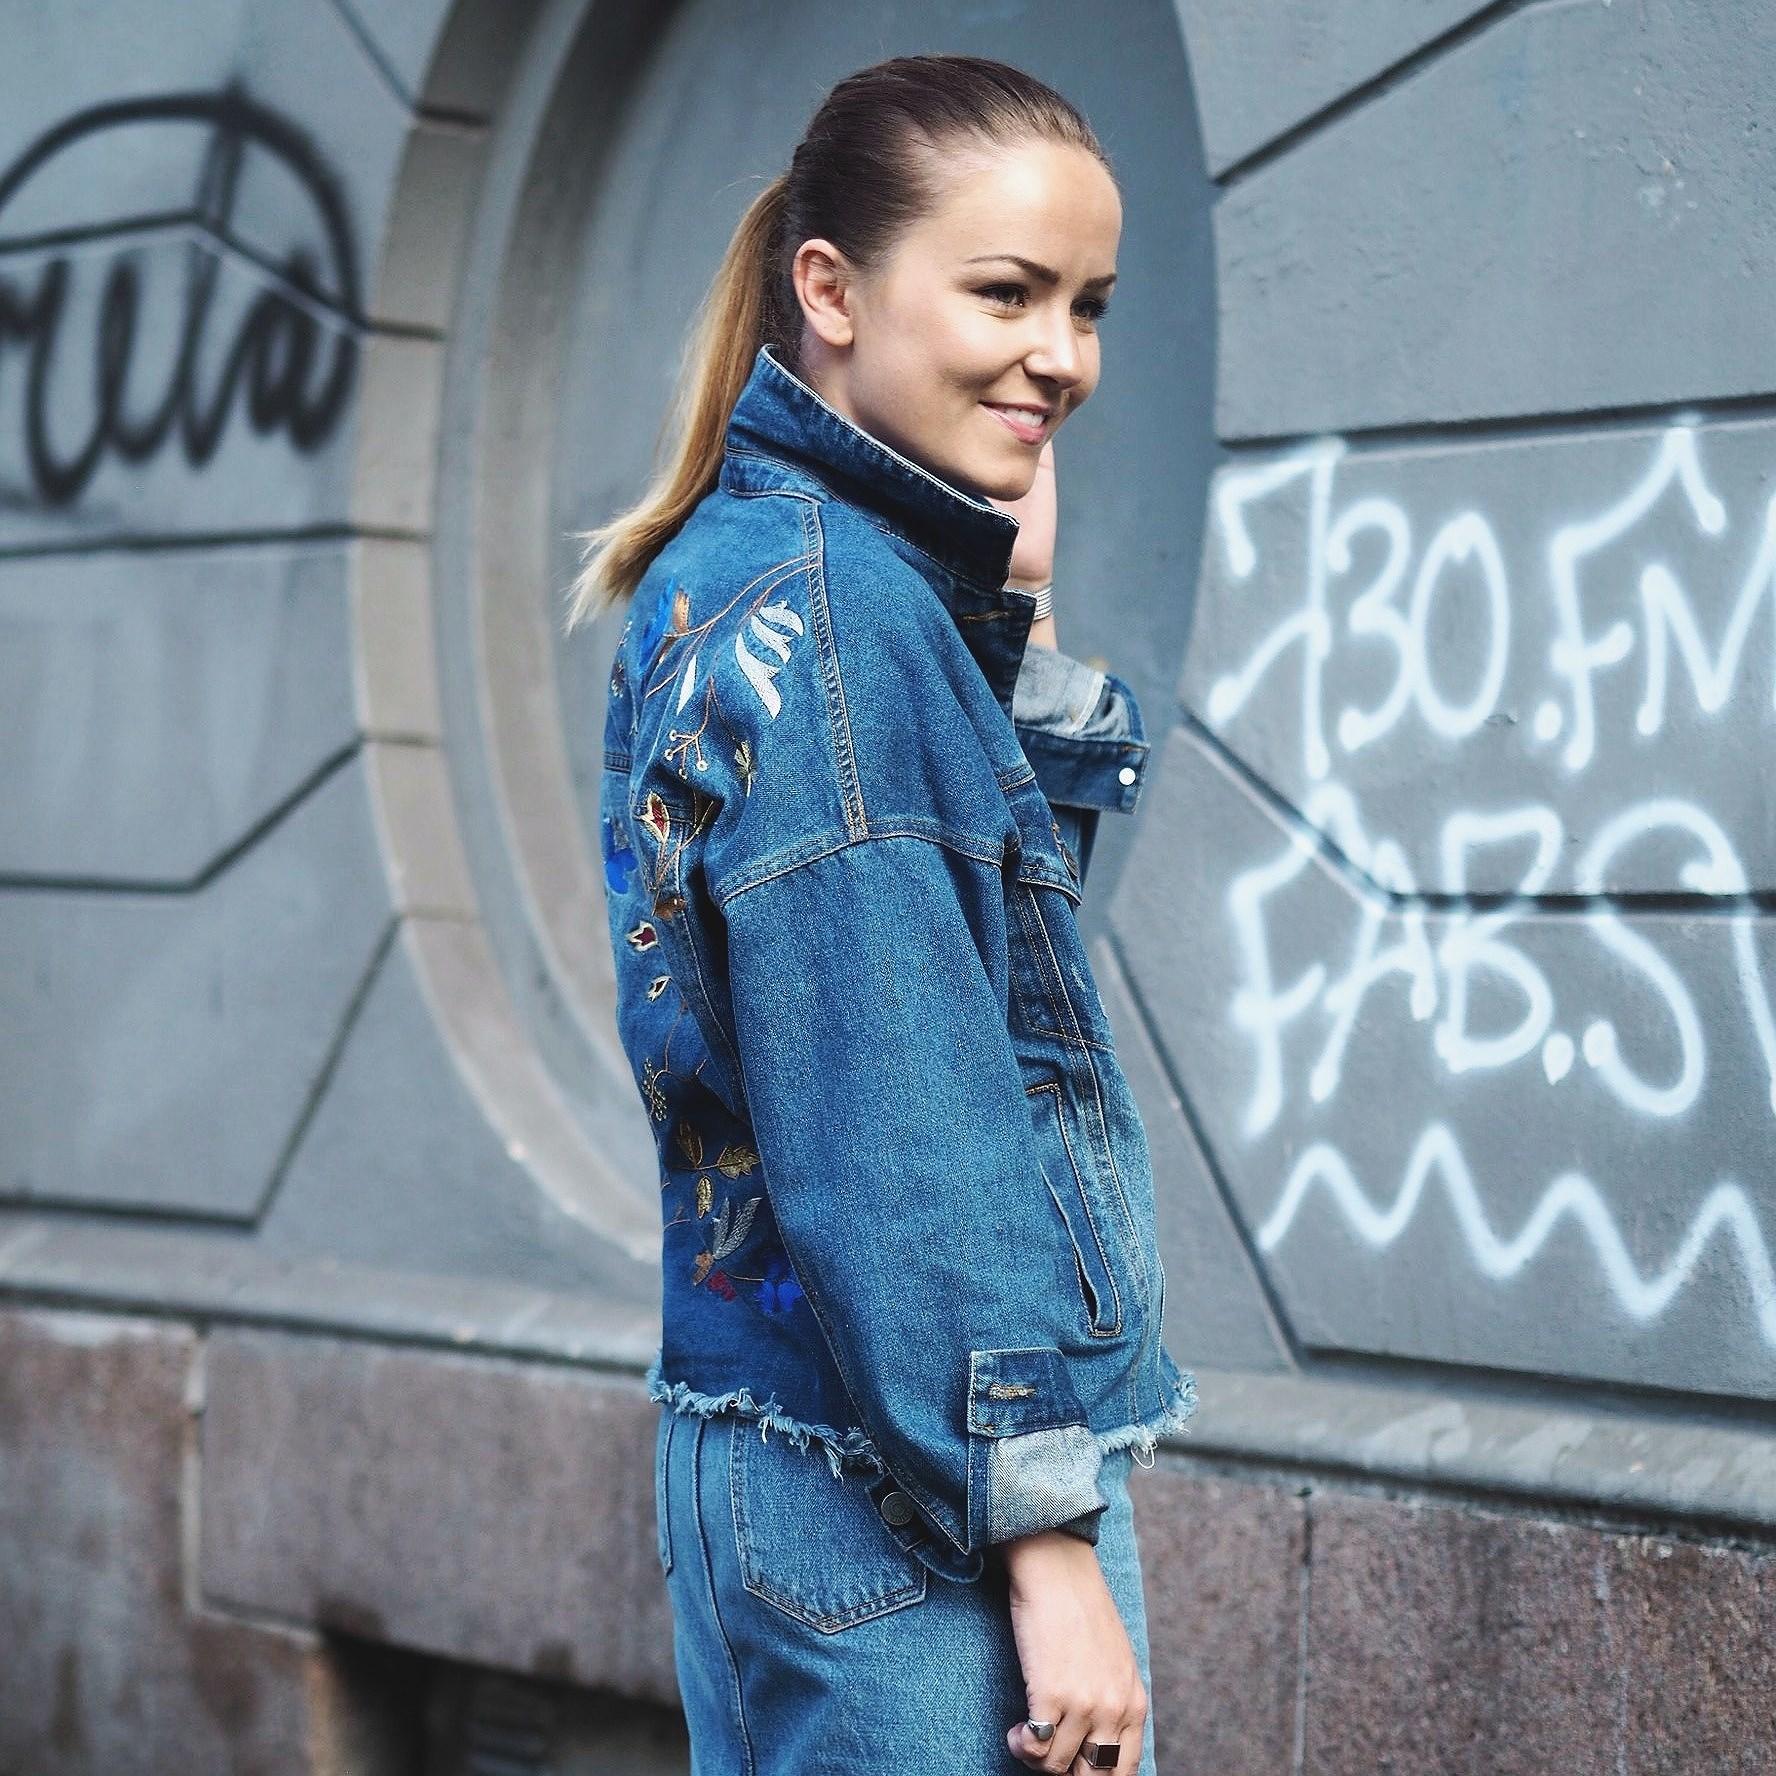 Karoline Søvik Smådal